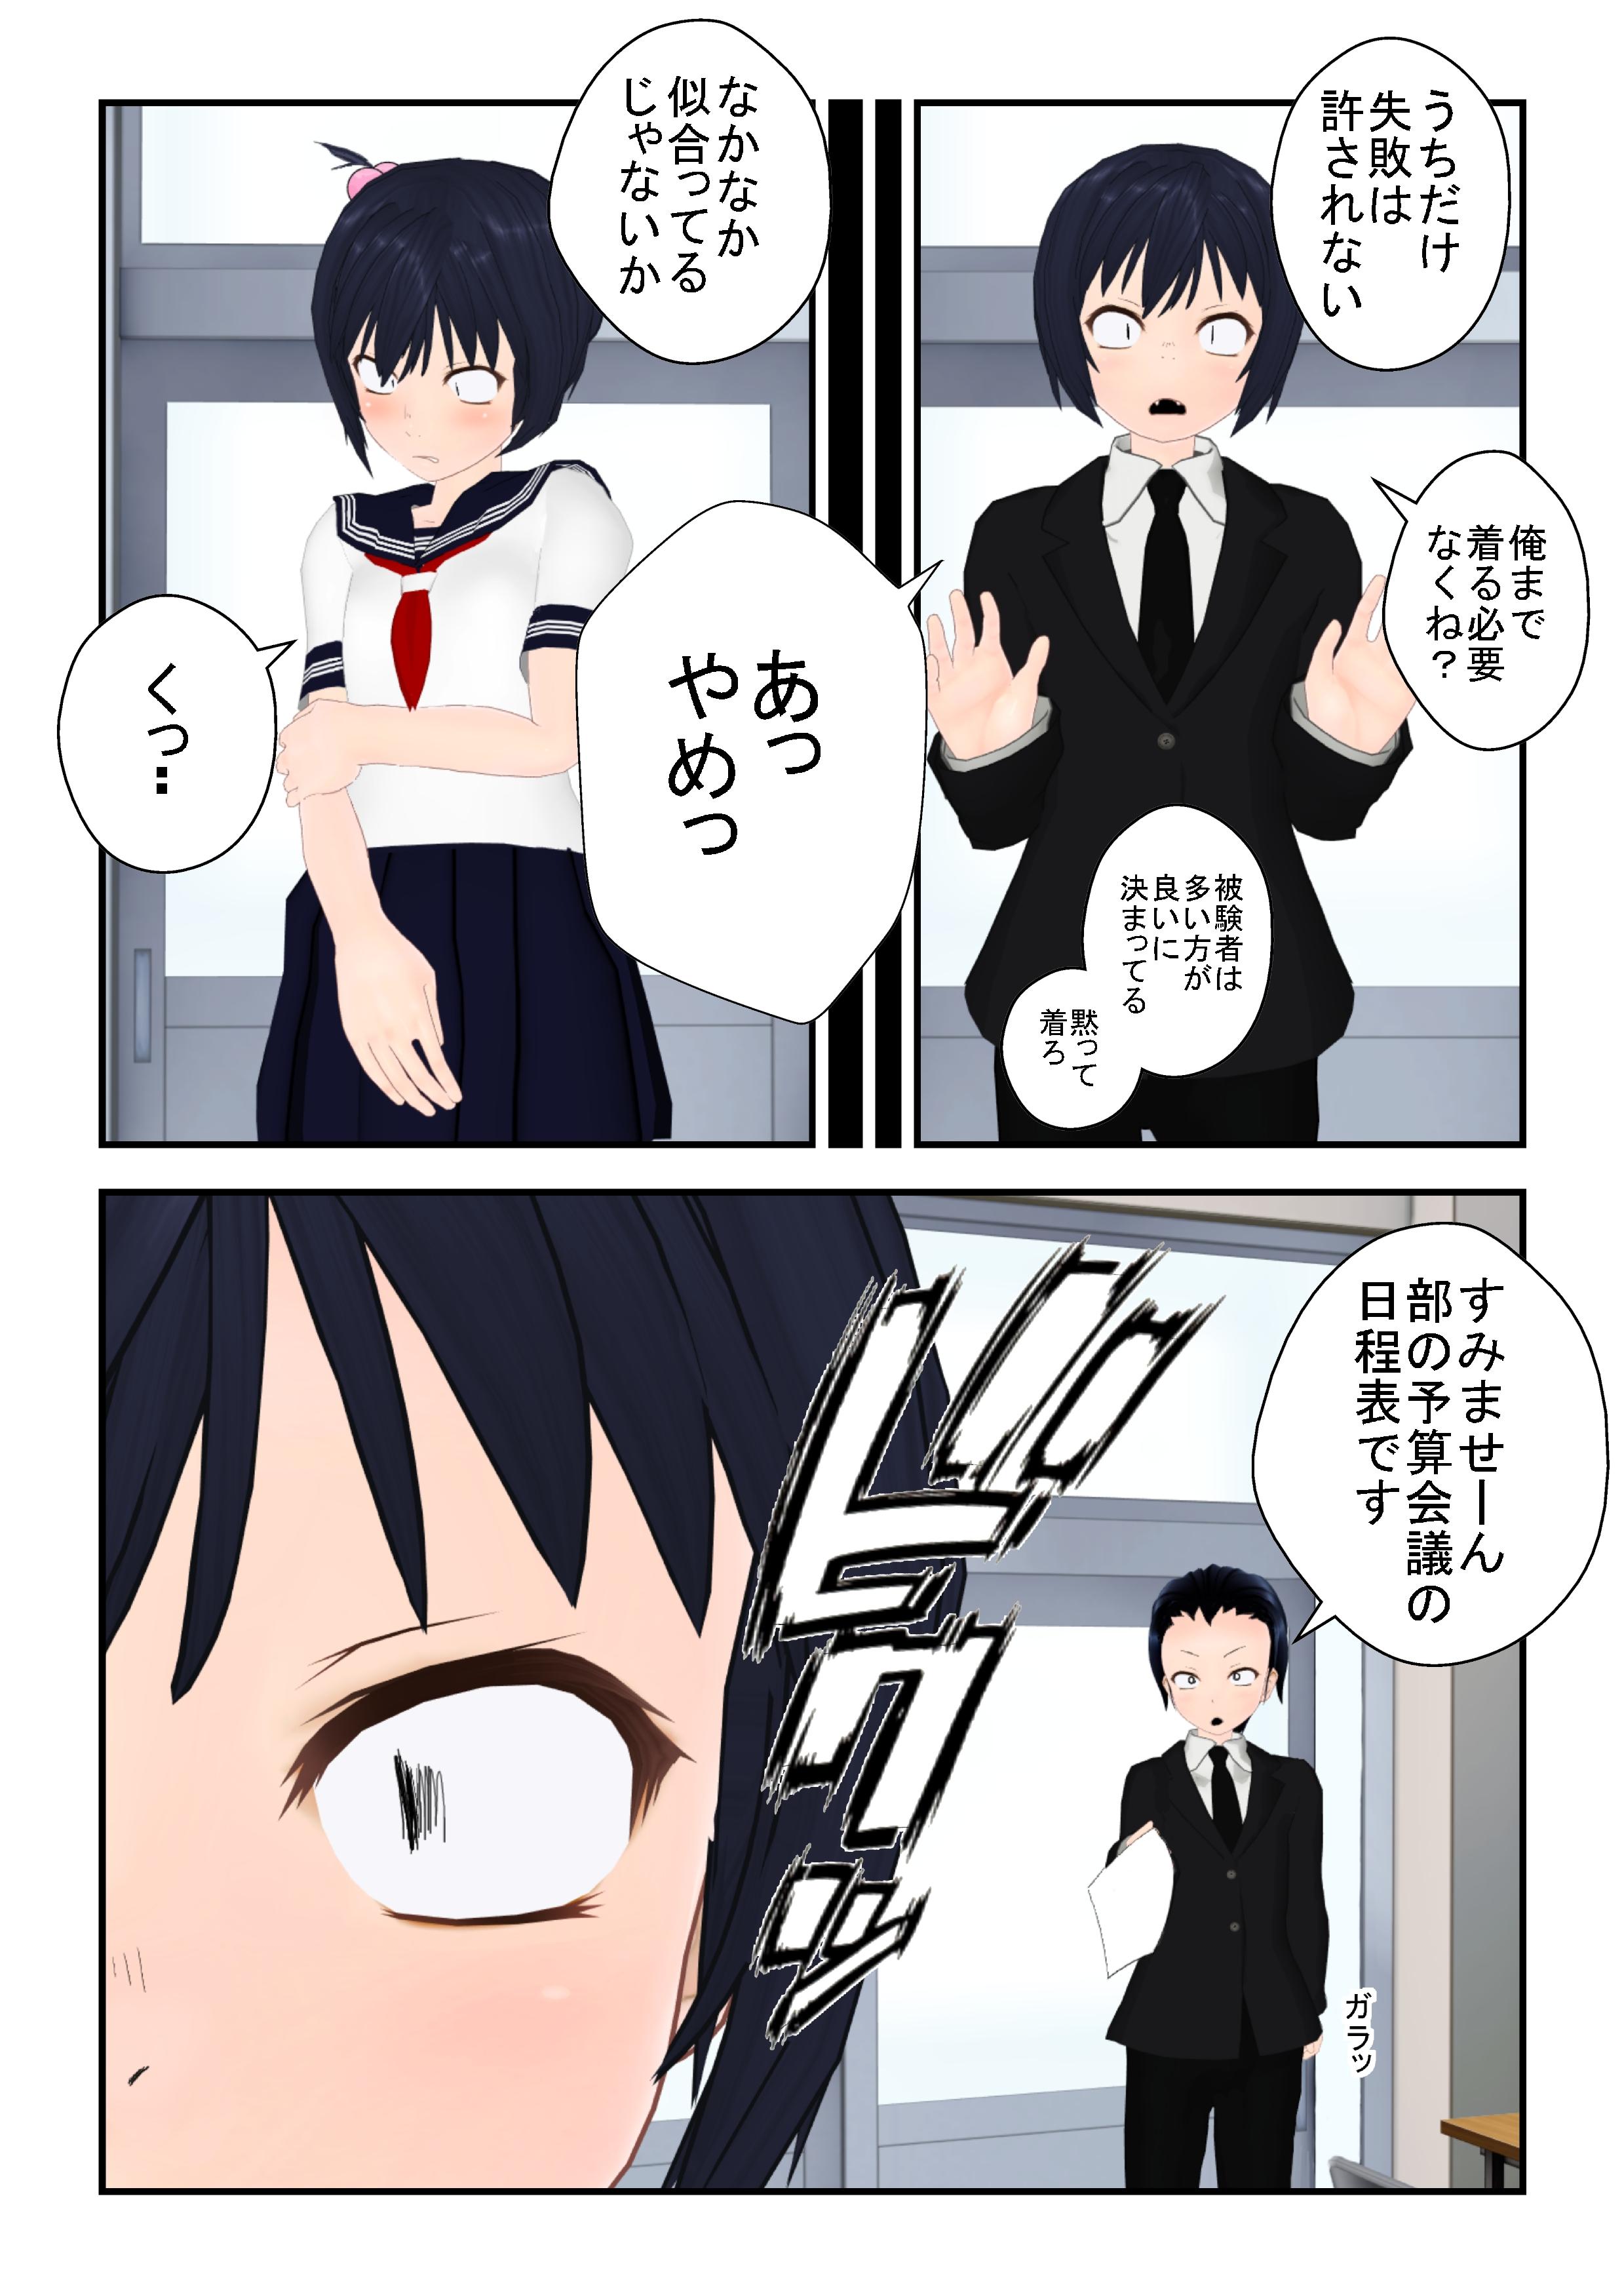 kimochi_0002_3.jpg